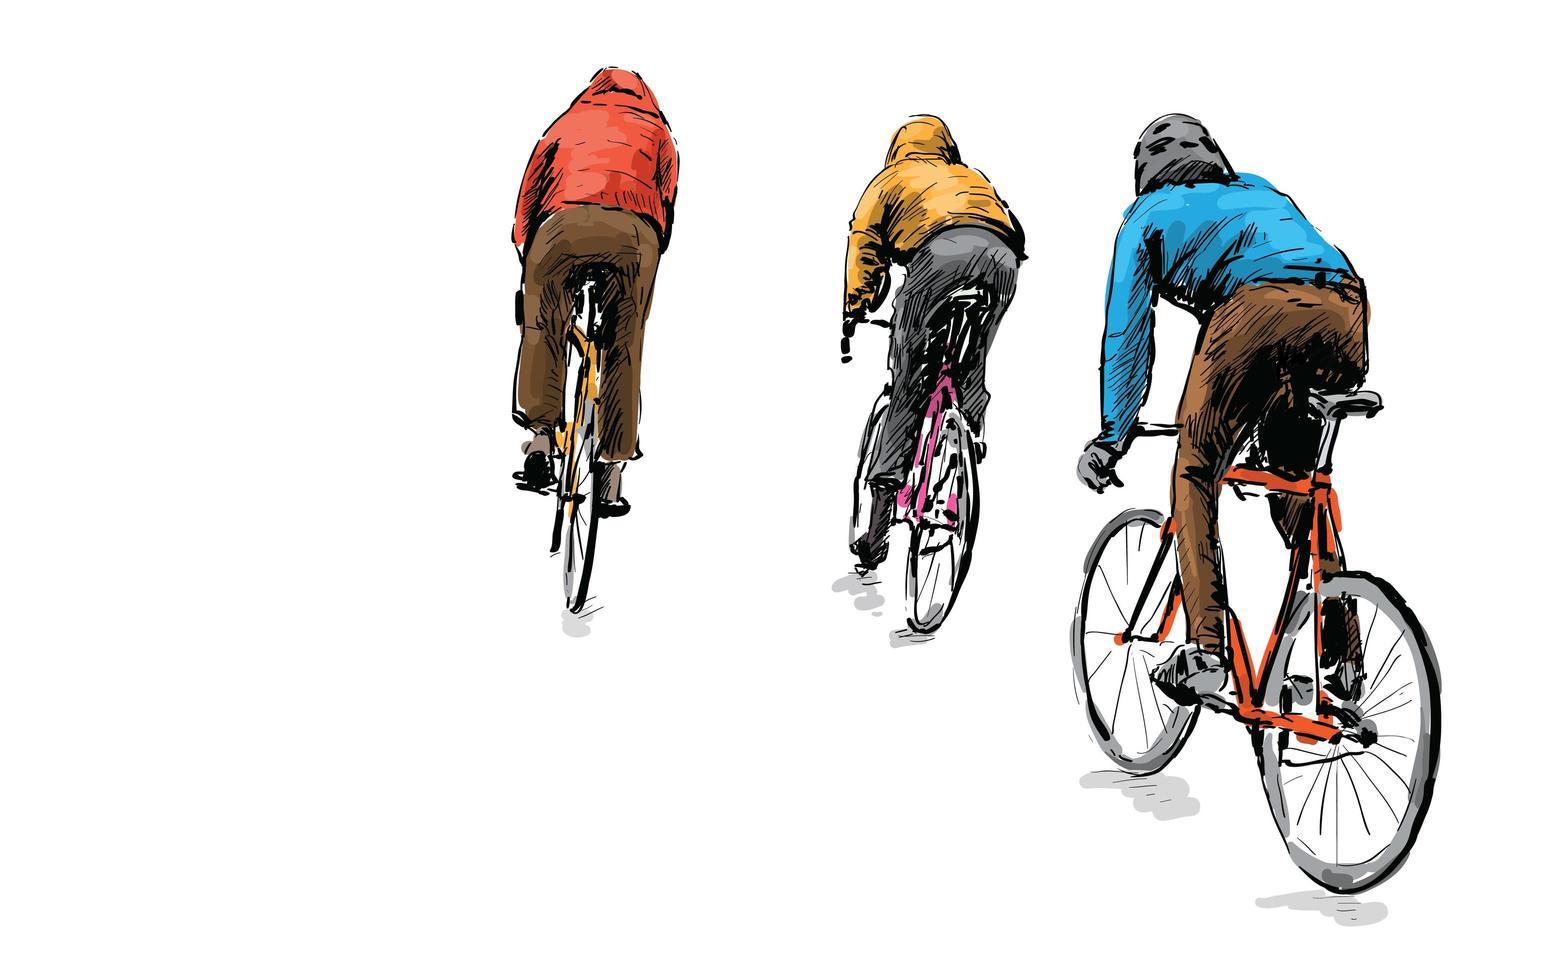 schets van fietsers met fixed gear fietsen vector